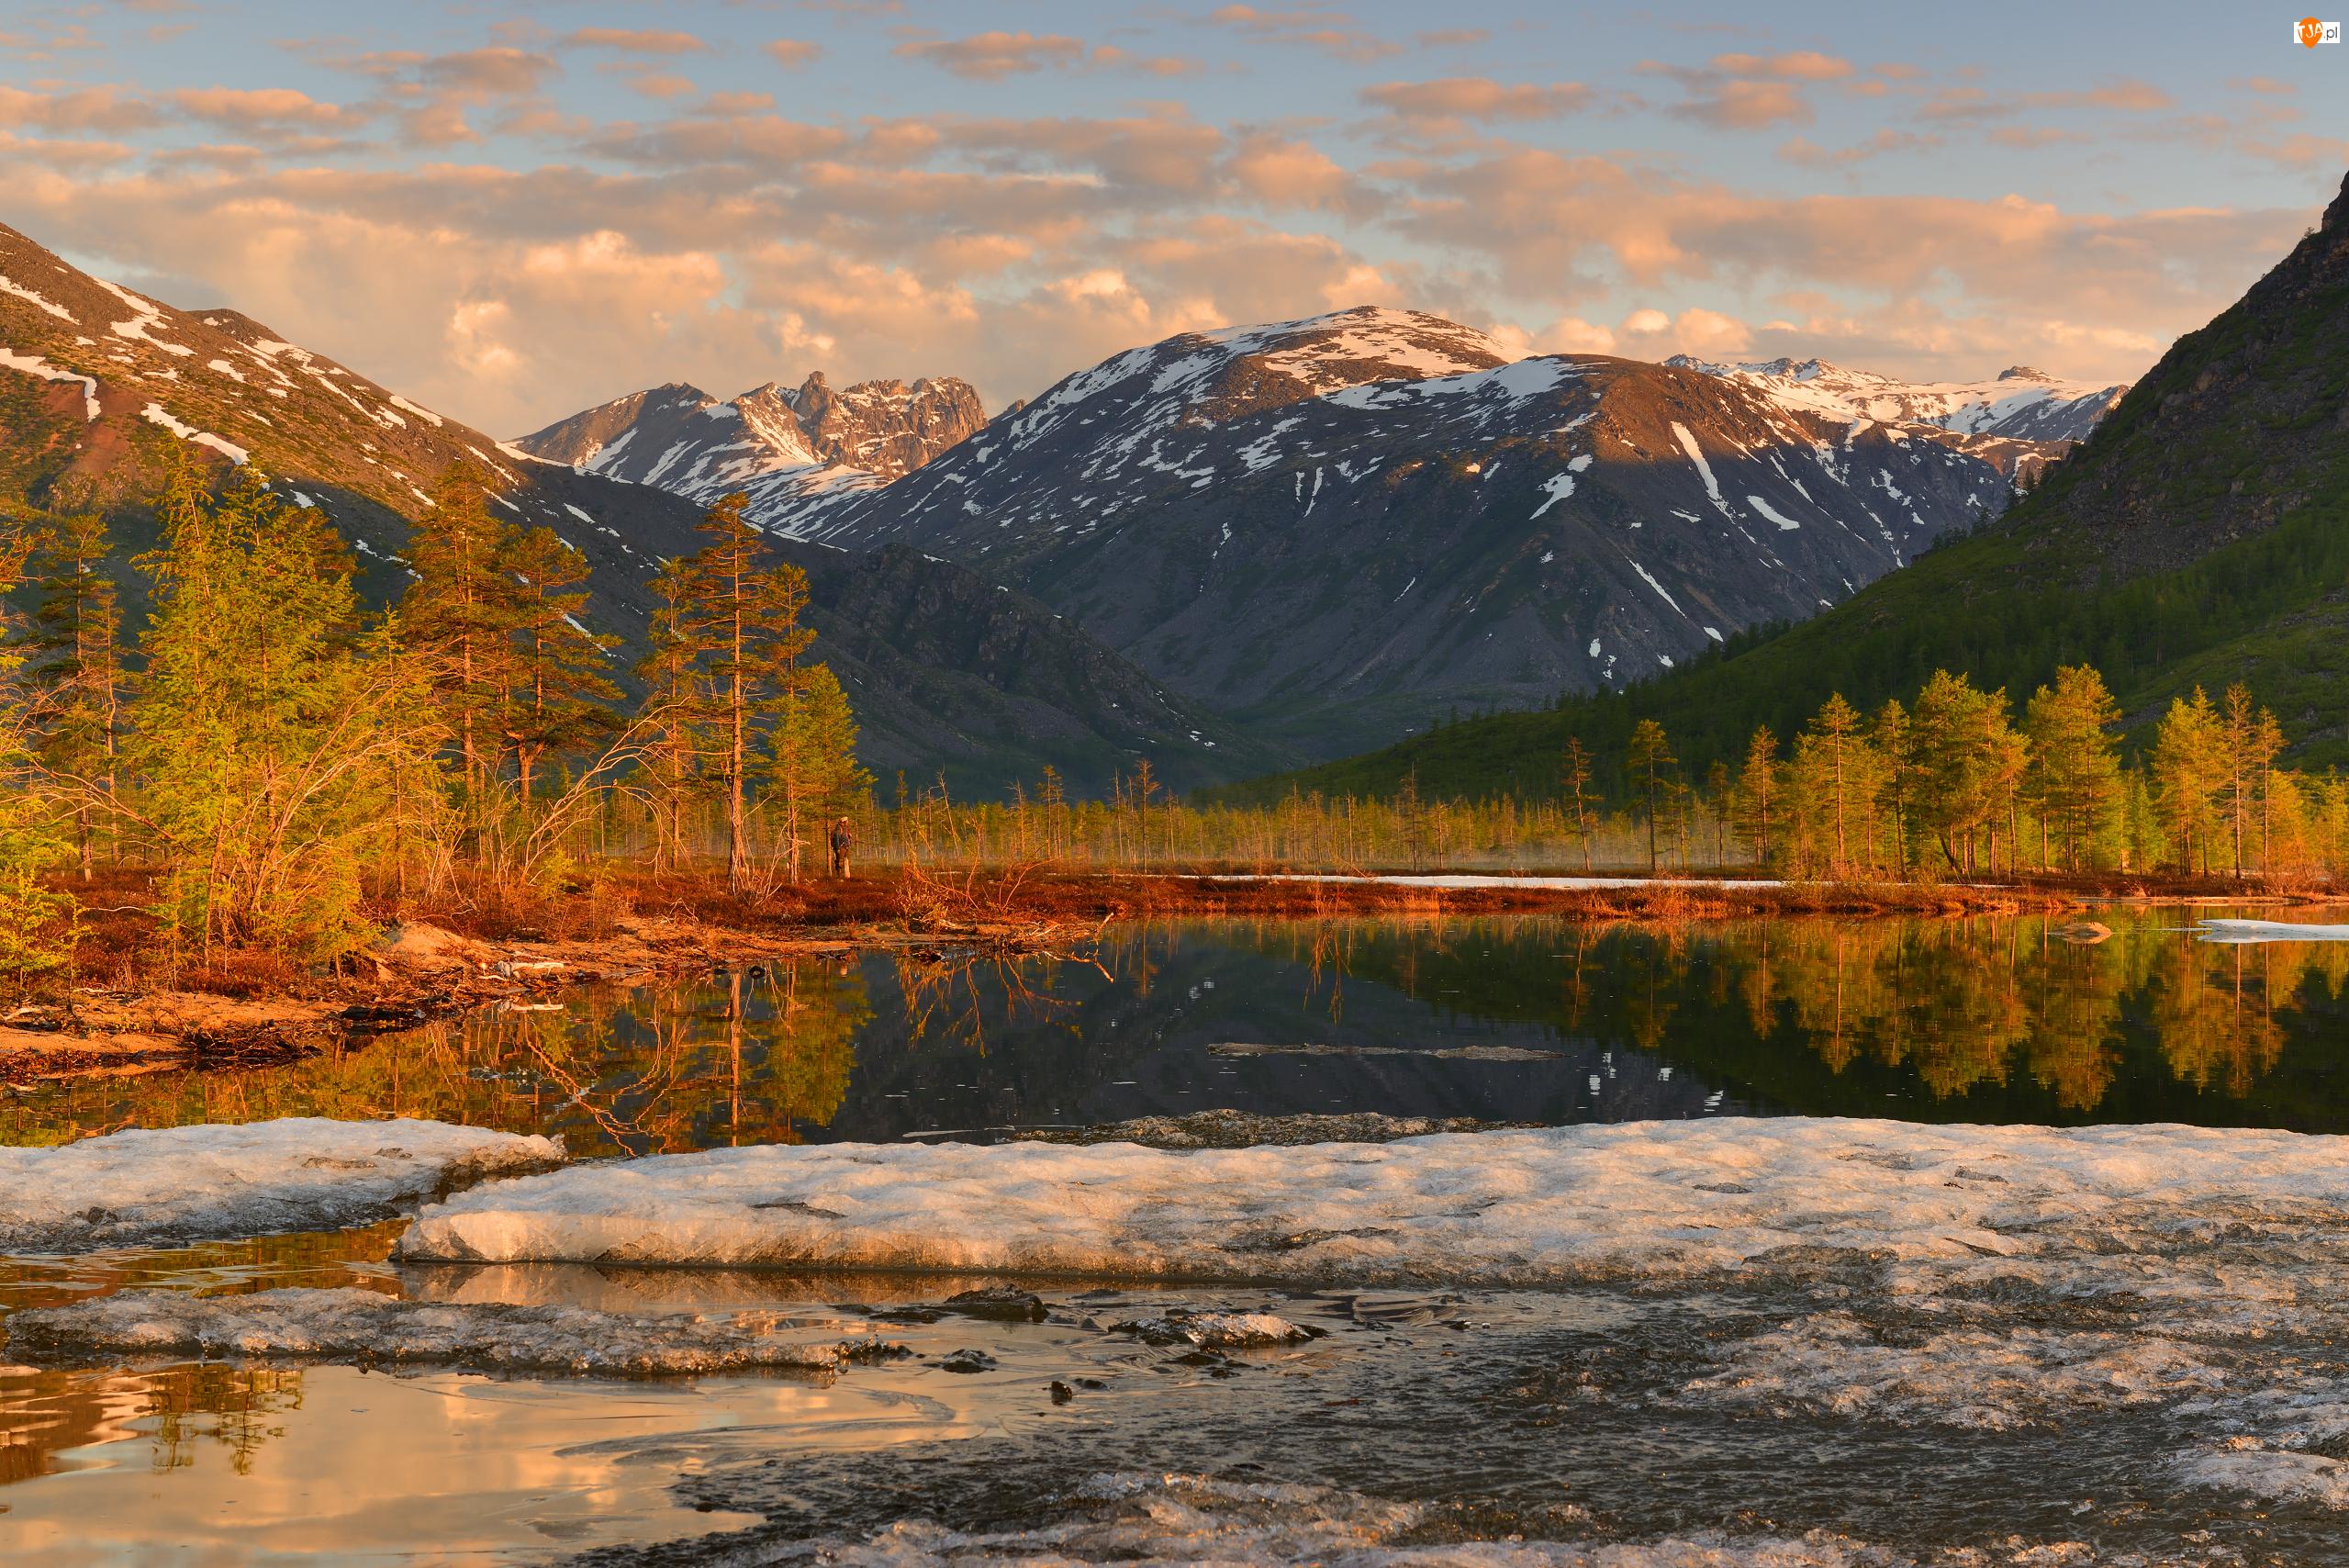 Rosja, Jezioro Jack London, Obwód magadański, Śnieg, Kołyma, Góry Kołymskie, Drzewa, Jesień, Chmury